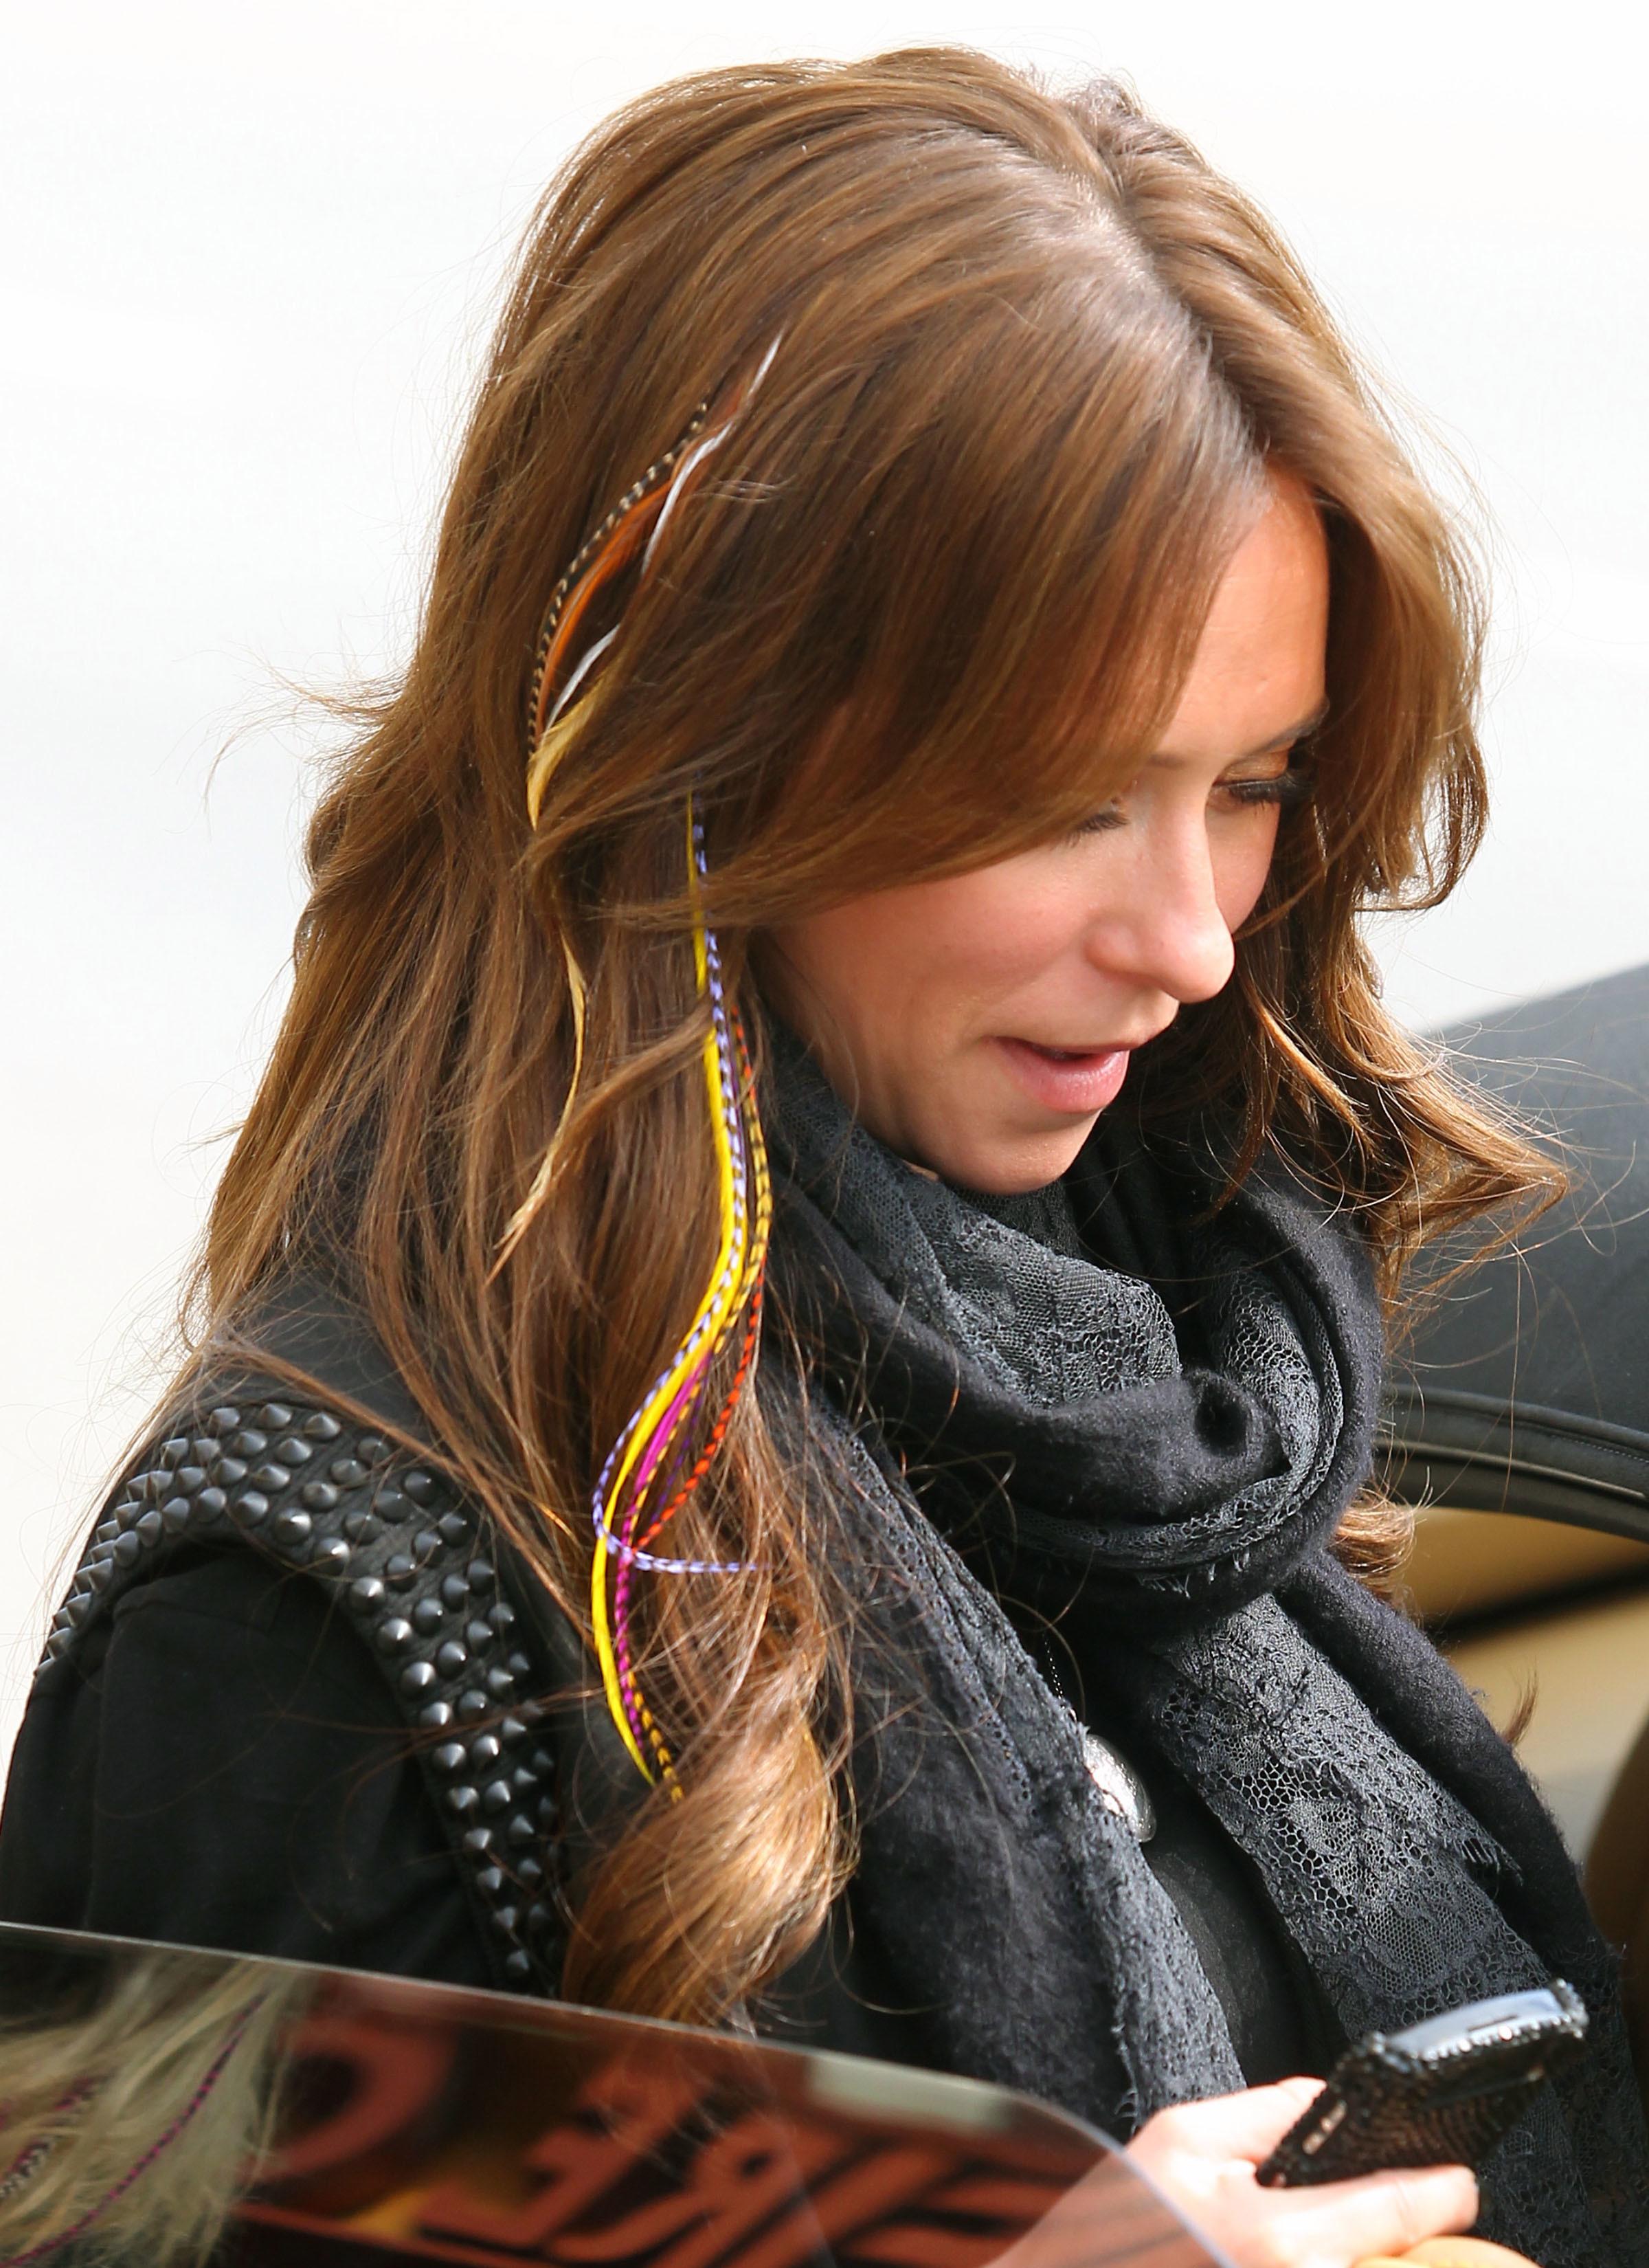 Jennifer Love Hewitt feather hair extensions